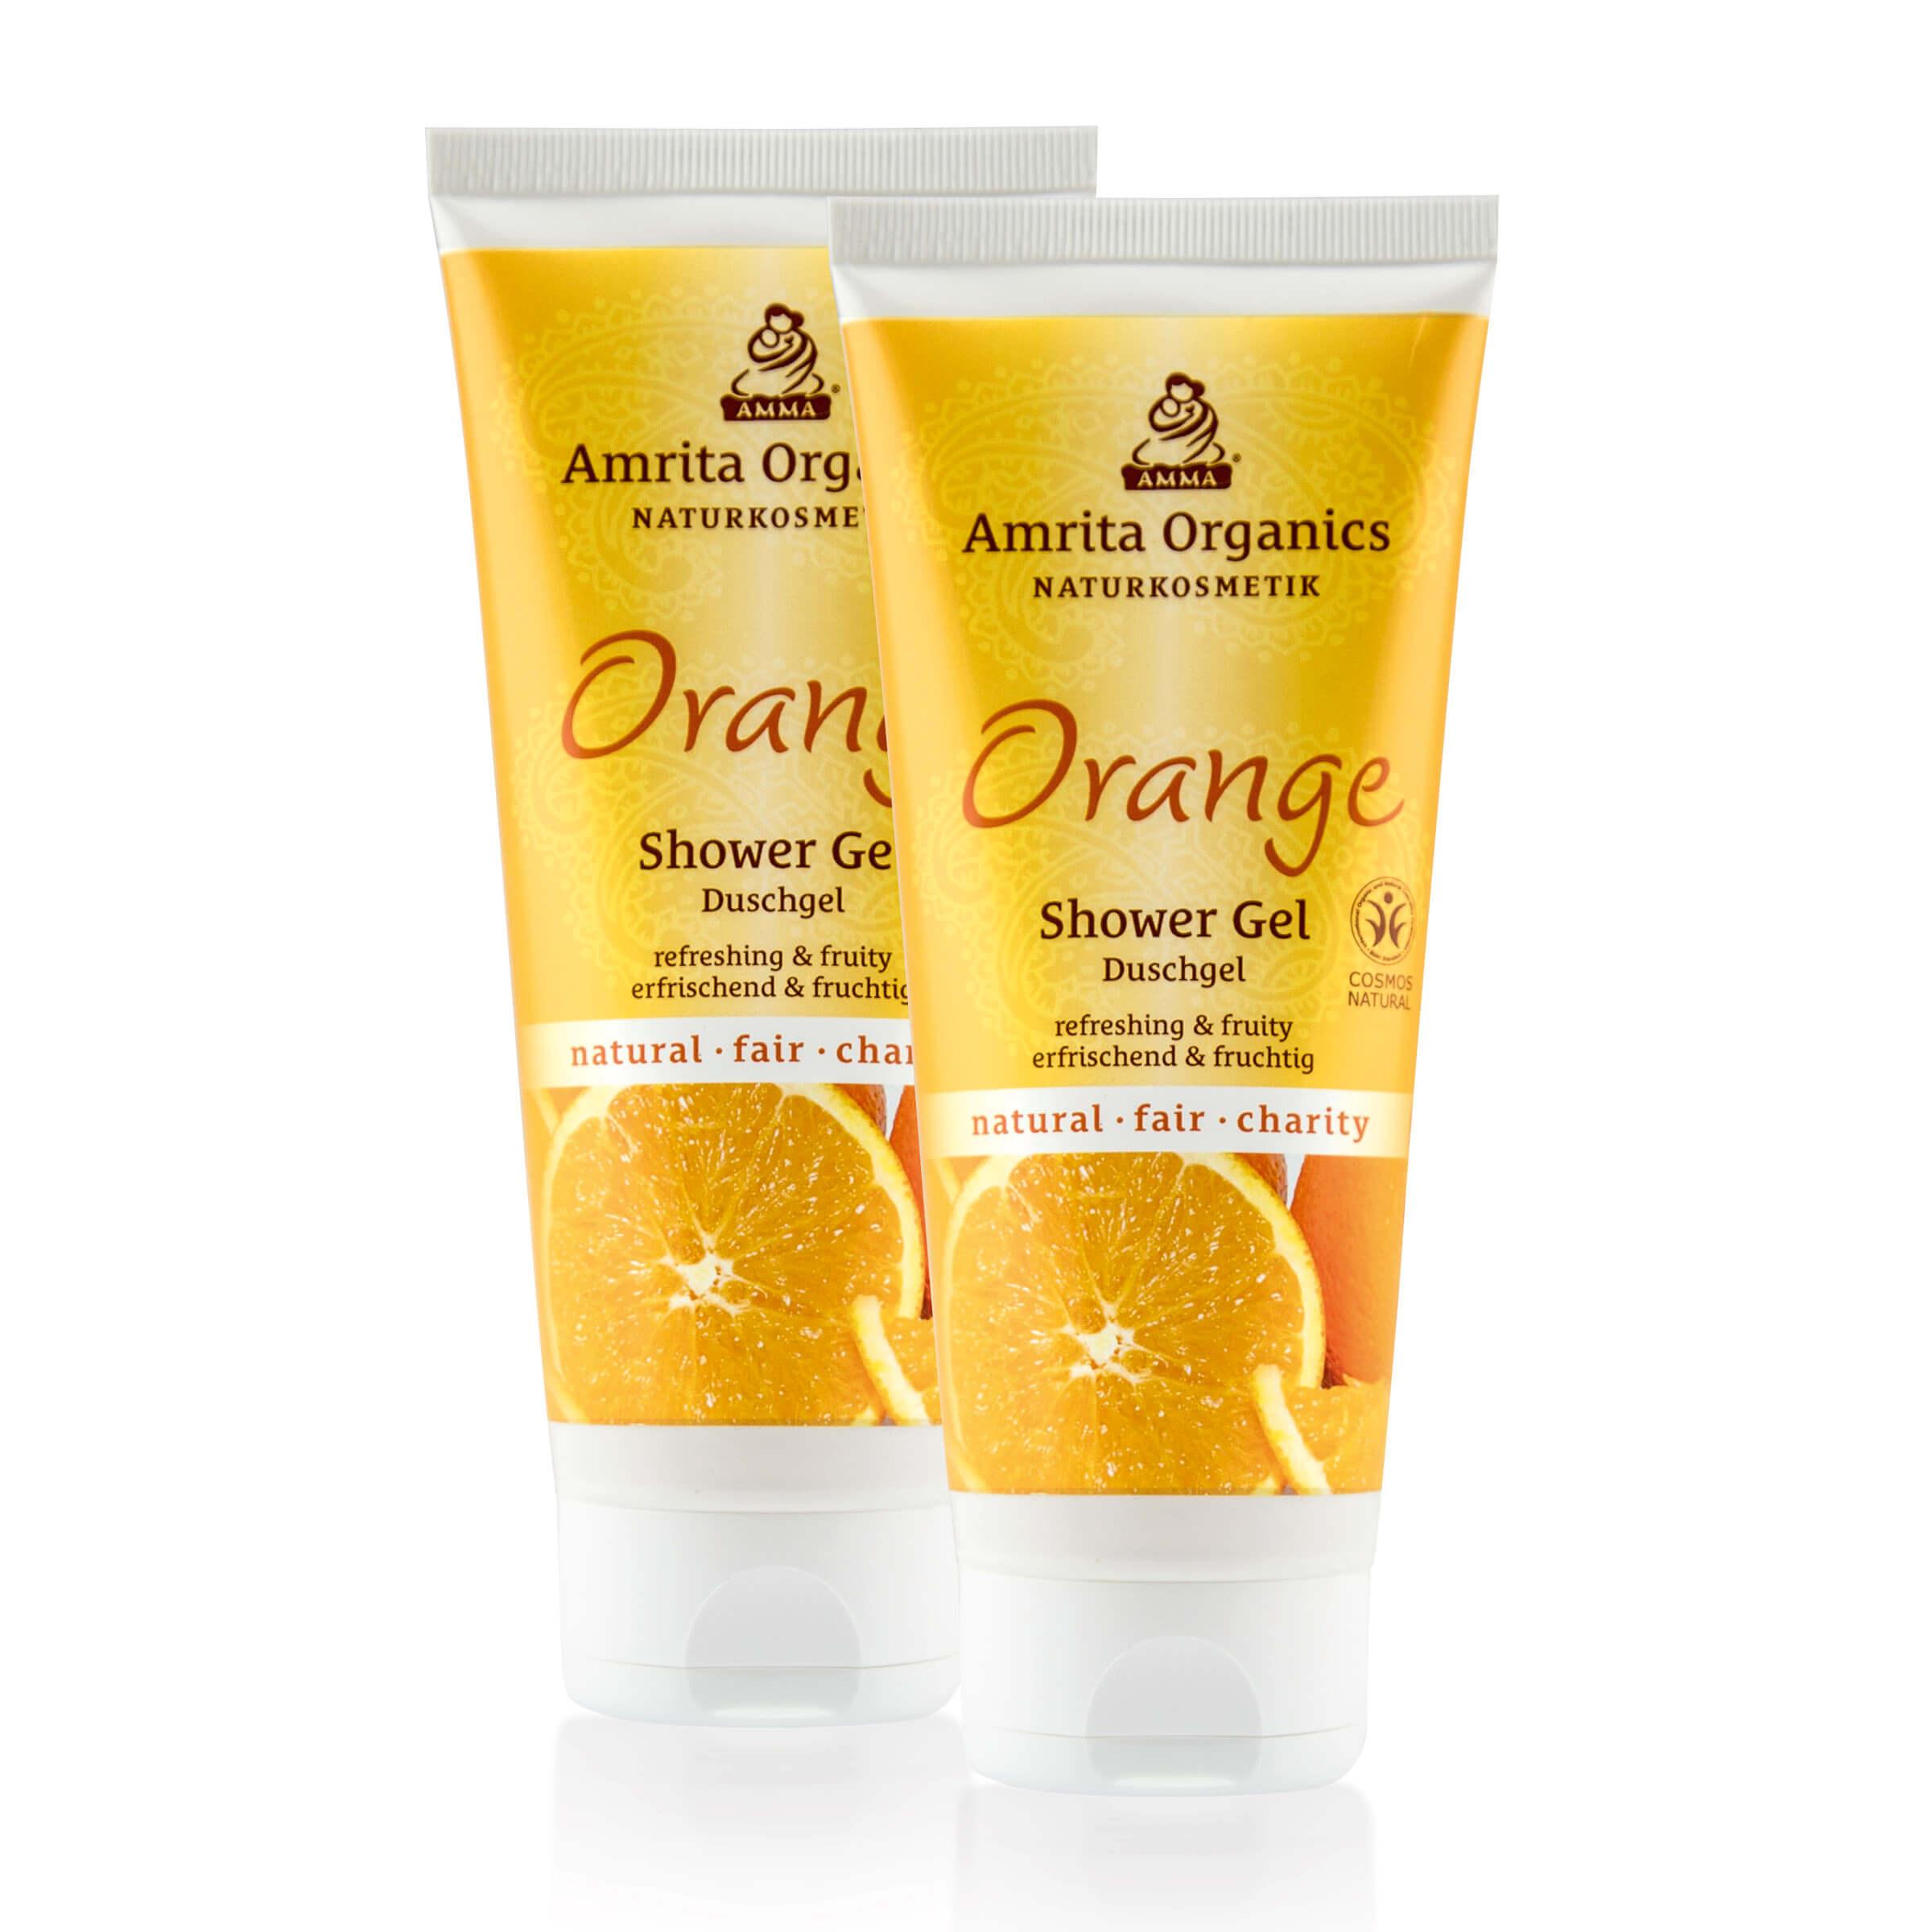 Duschgel Orange